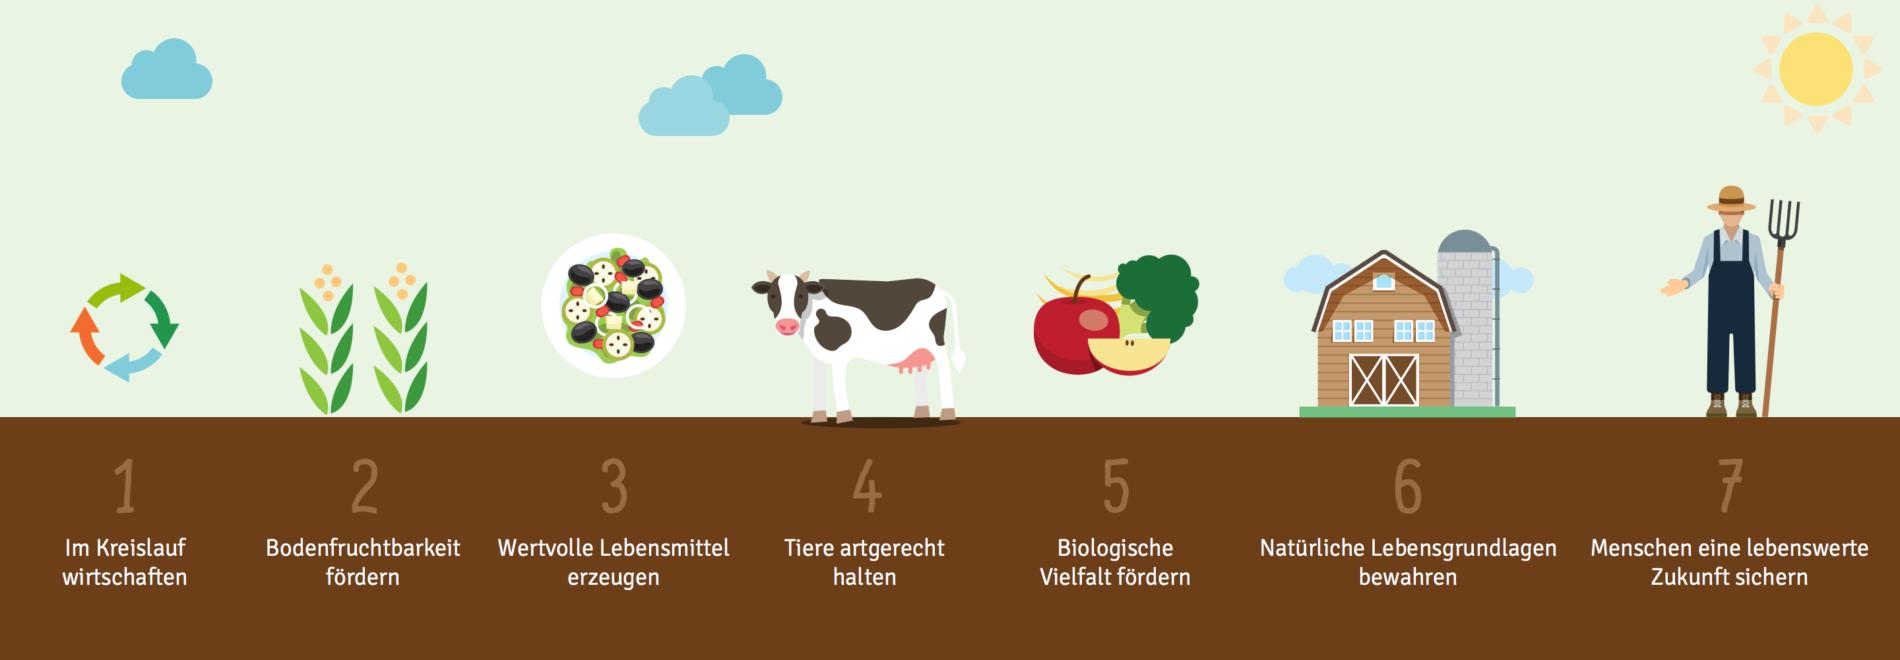 infografik_7_prinzipien-bioland lammertzhof